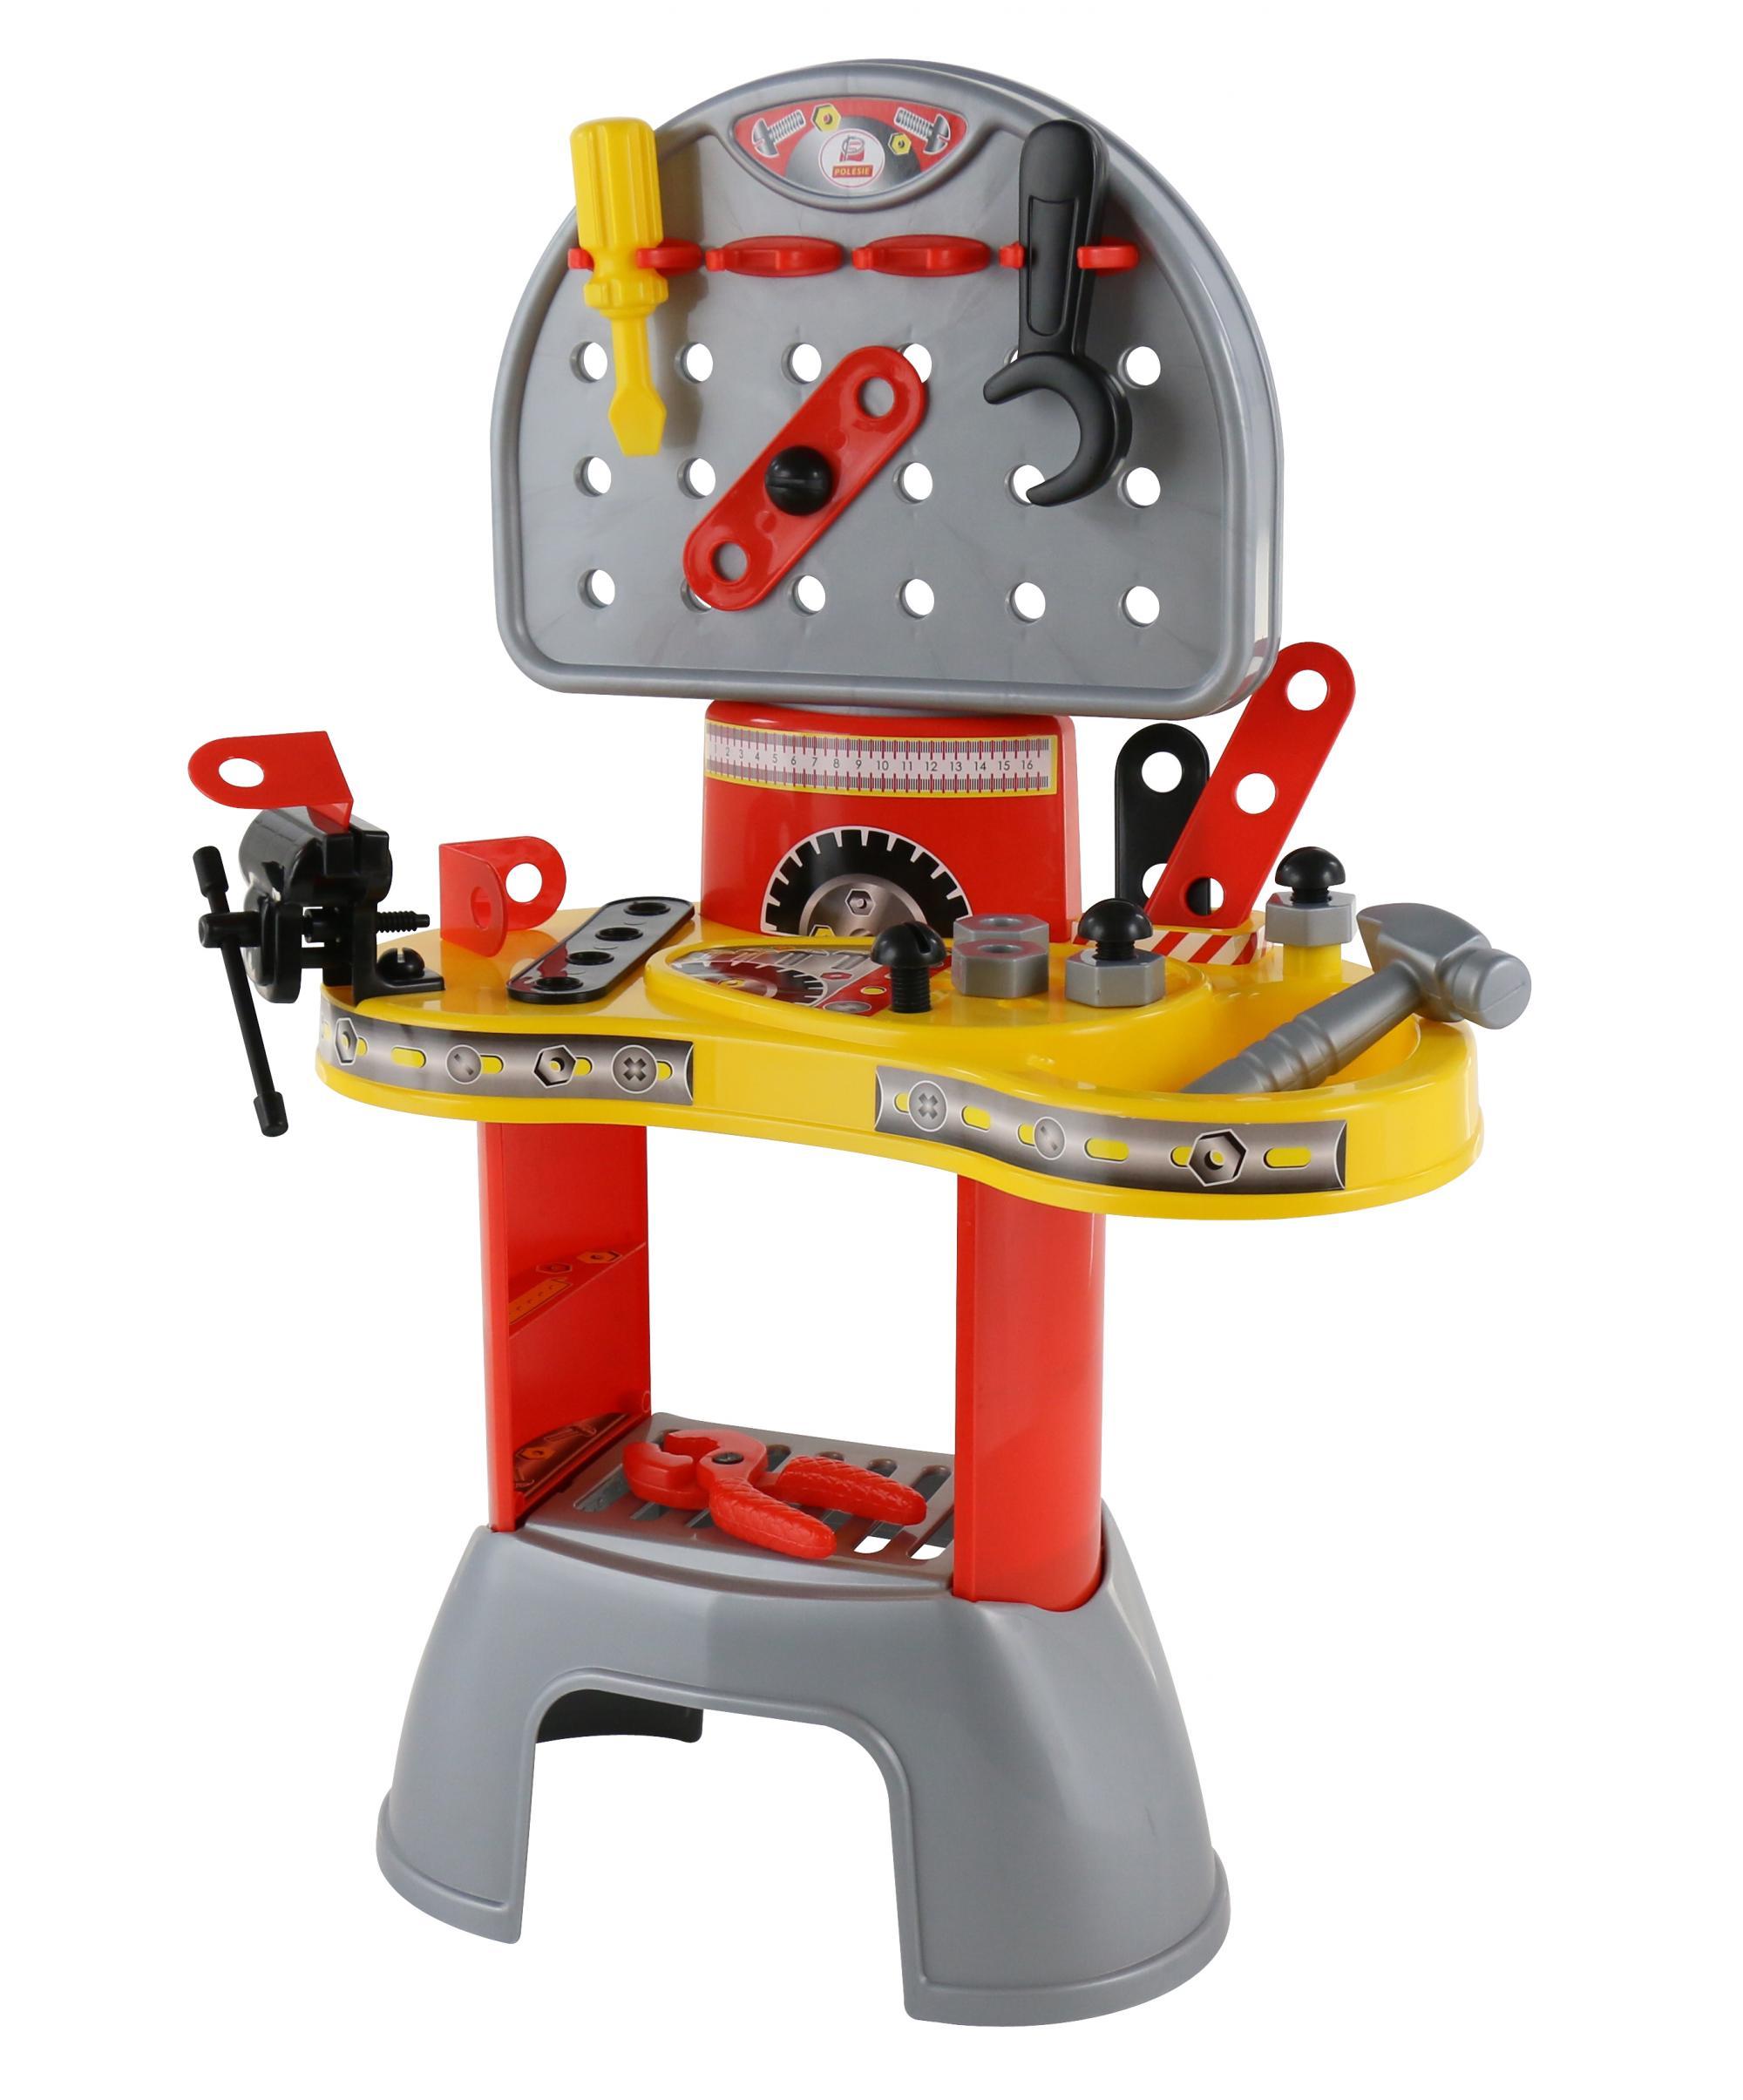 Купить Игровой комплекс Полесье Механик-макси 2, в коробке 43238,